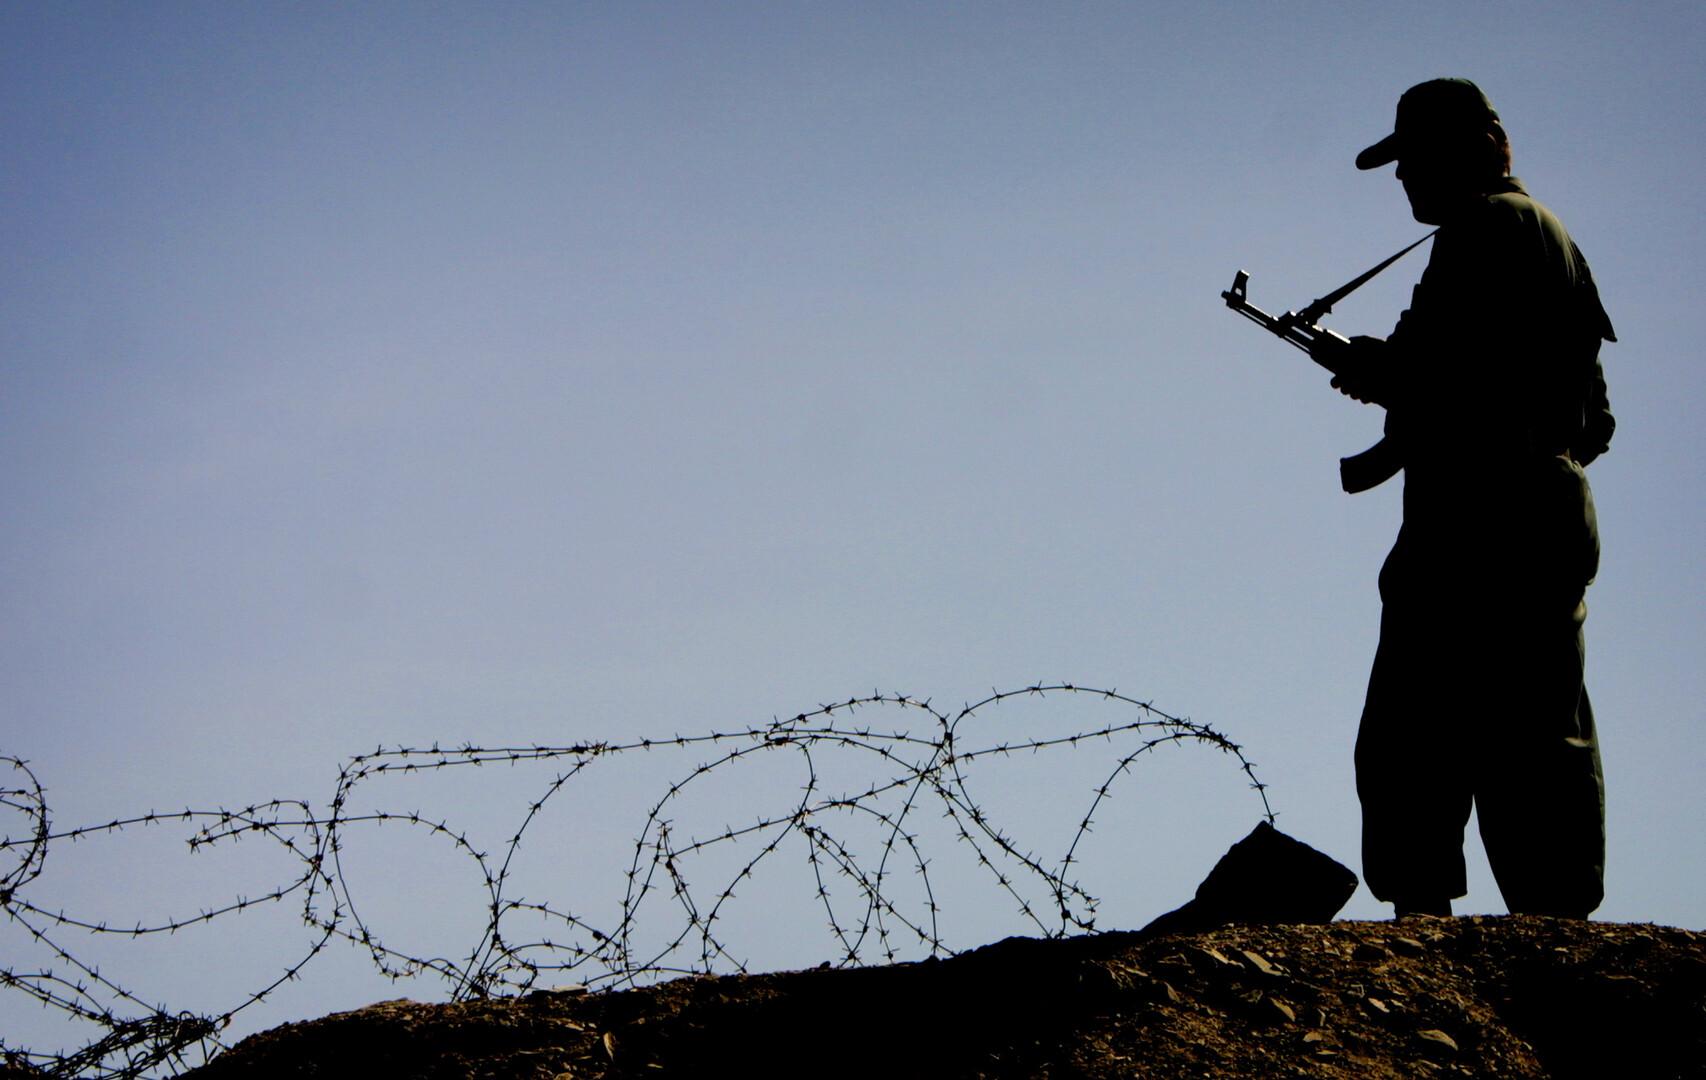 مقتل عنصر من حرس الحدود في اشتباك مع مسلحين غربي إيران